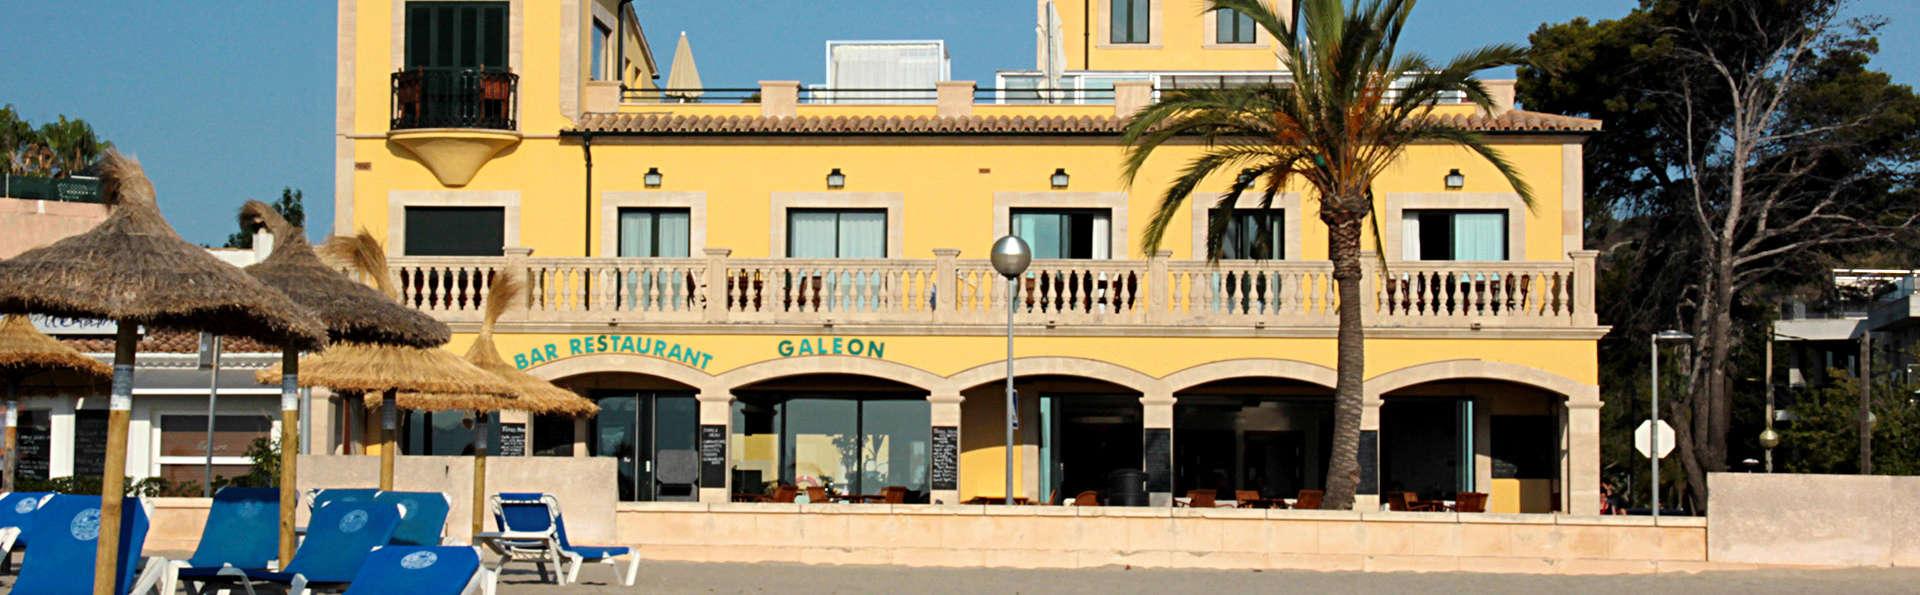 Aparthotel Galeon Suites - EDIT_front2.jpg